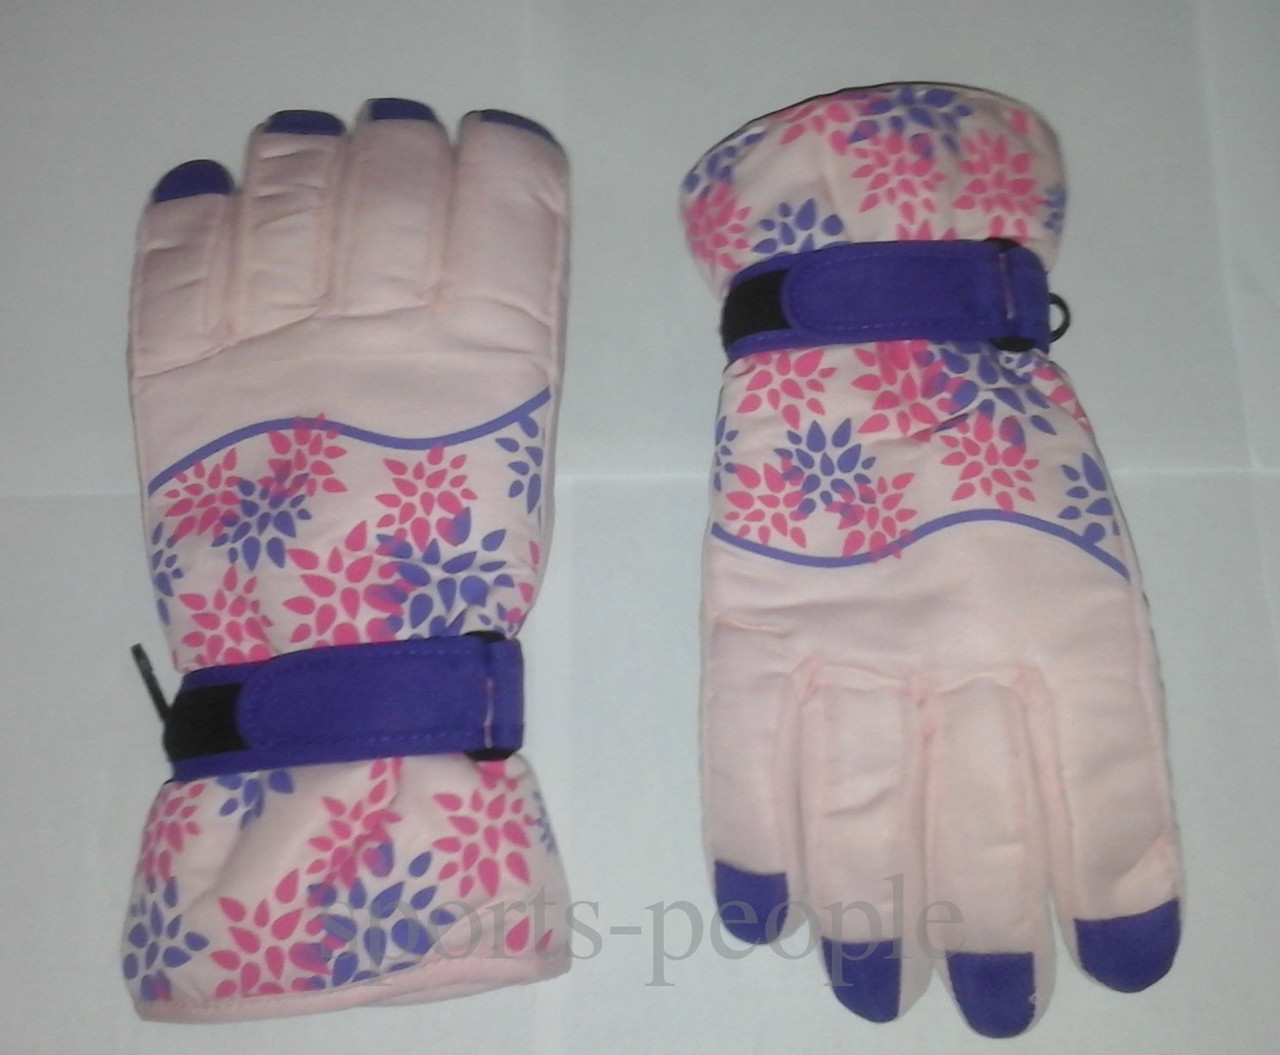 Перчатки горнолыжные Puissant, женские, с цветами, М, розовый фон.